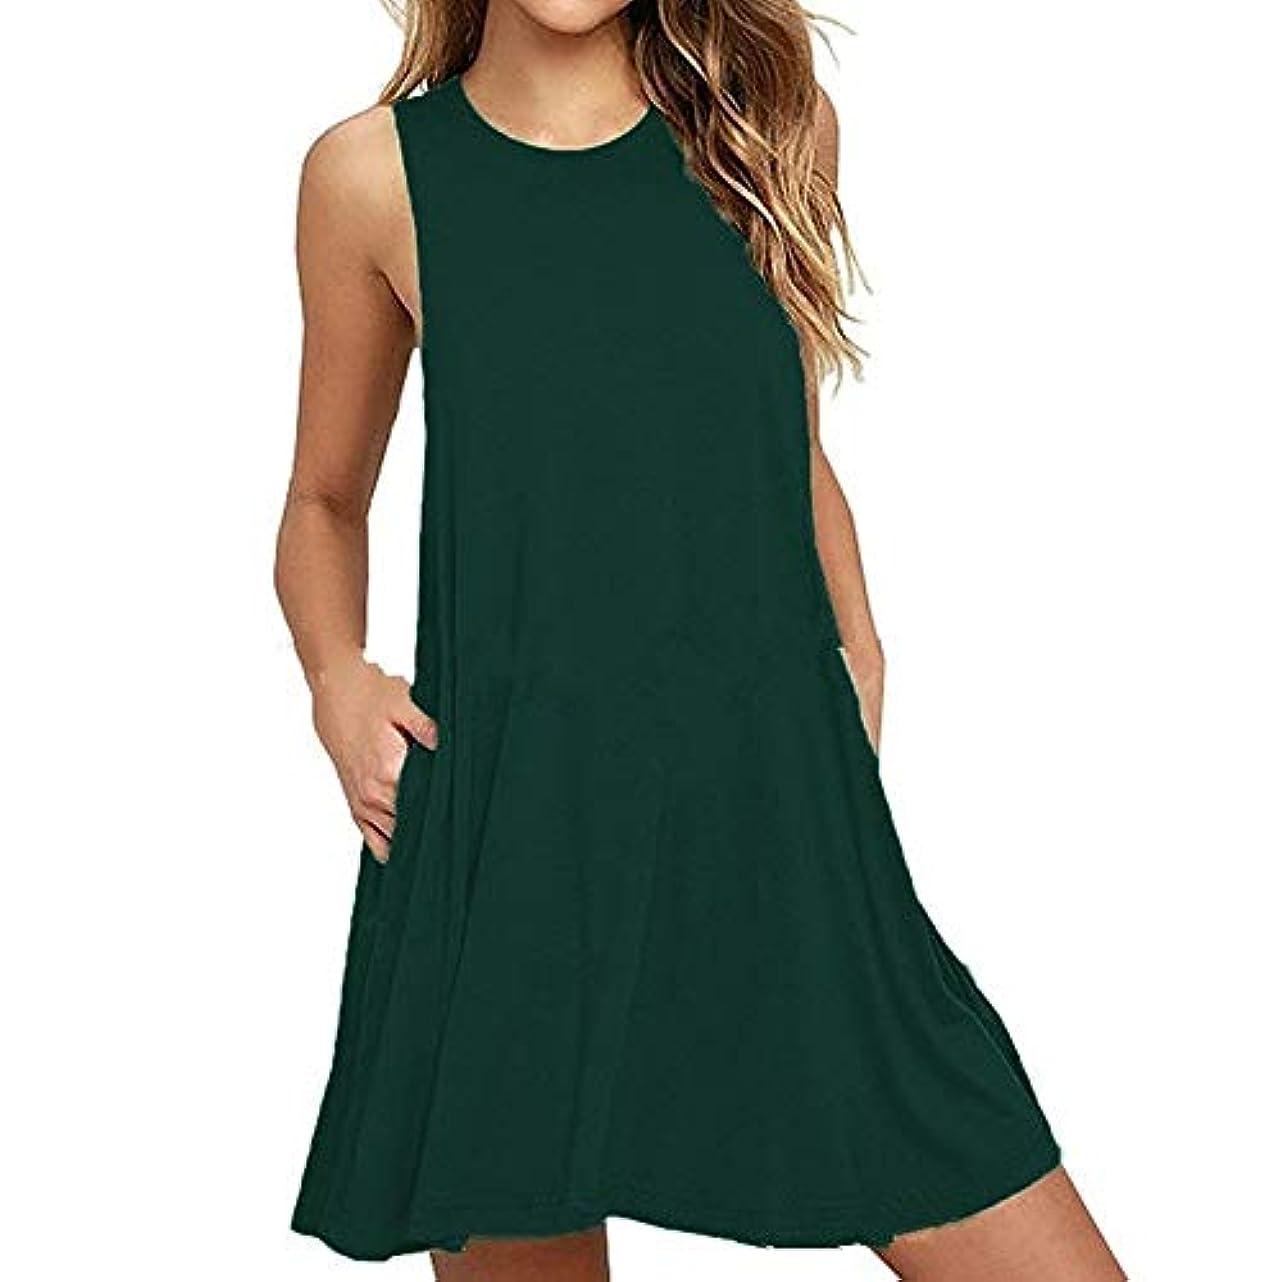 教窓証言MIFAN 人の女性のドレス、プラスサイズのドレス、ノースリーブのドレス、ミニドレス、ホルタードレス、コットンドレス